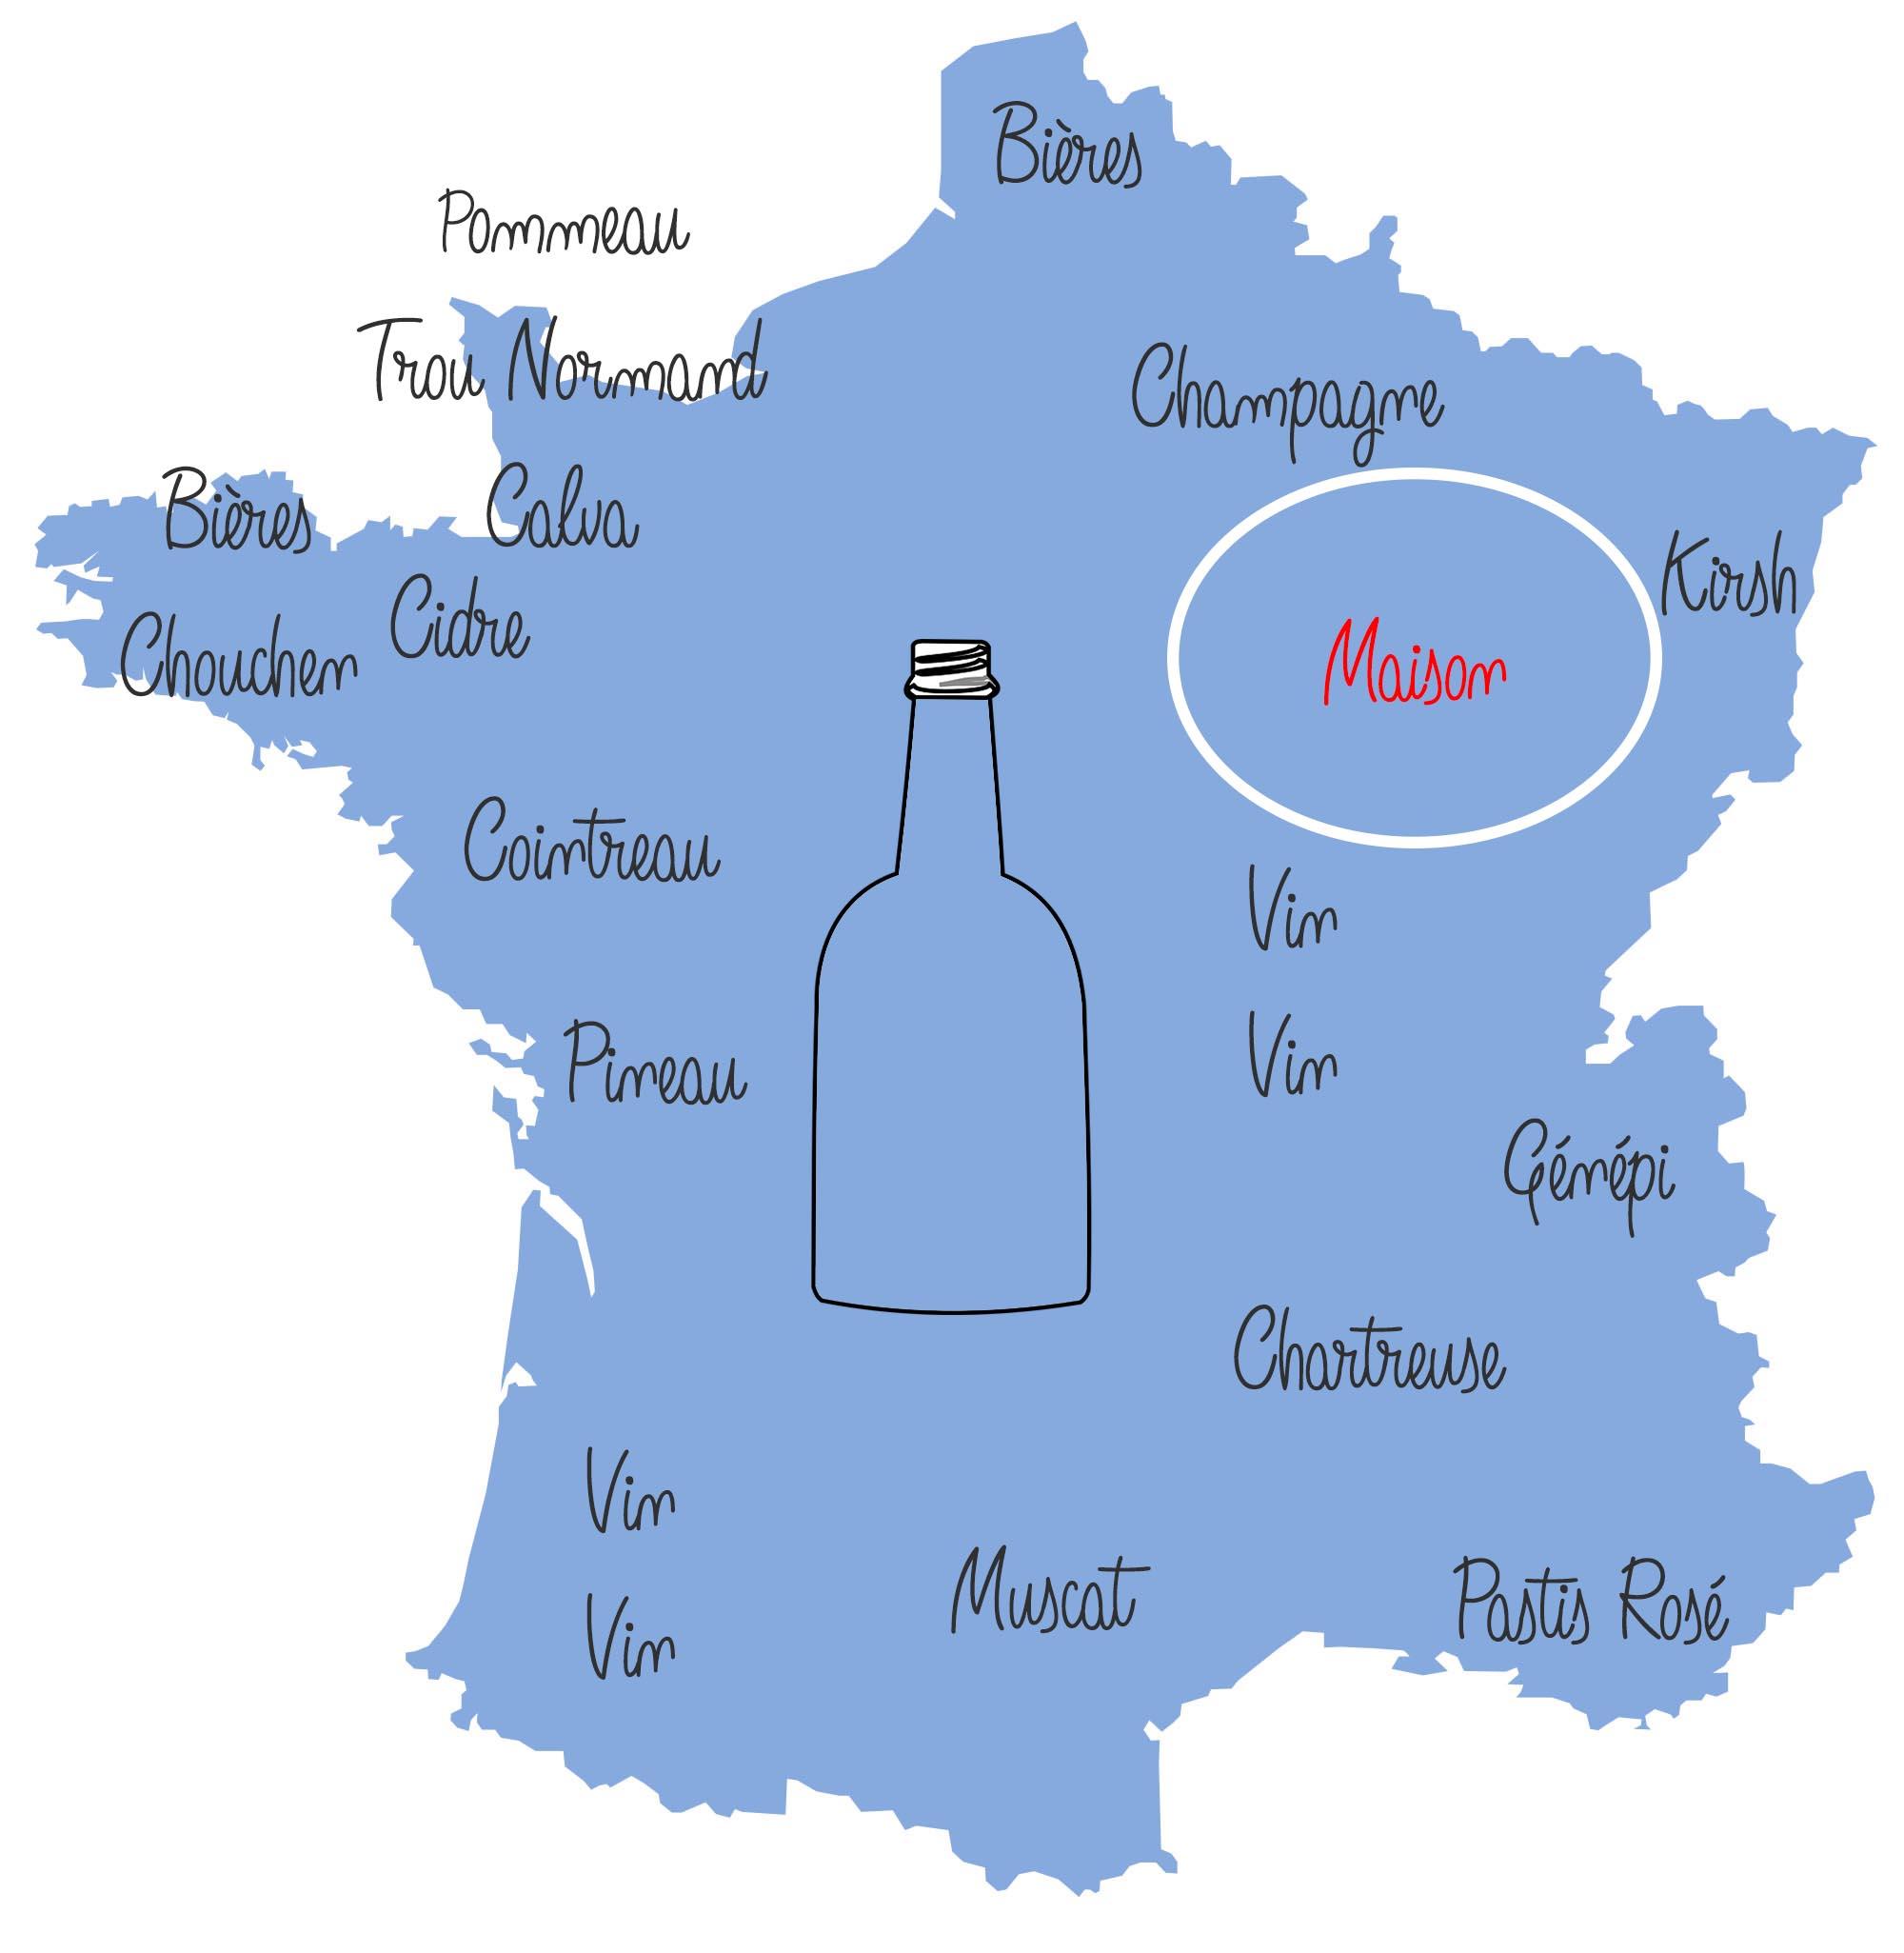 La France vue par les bourguignons